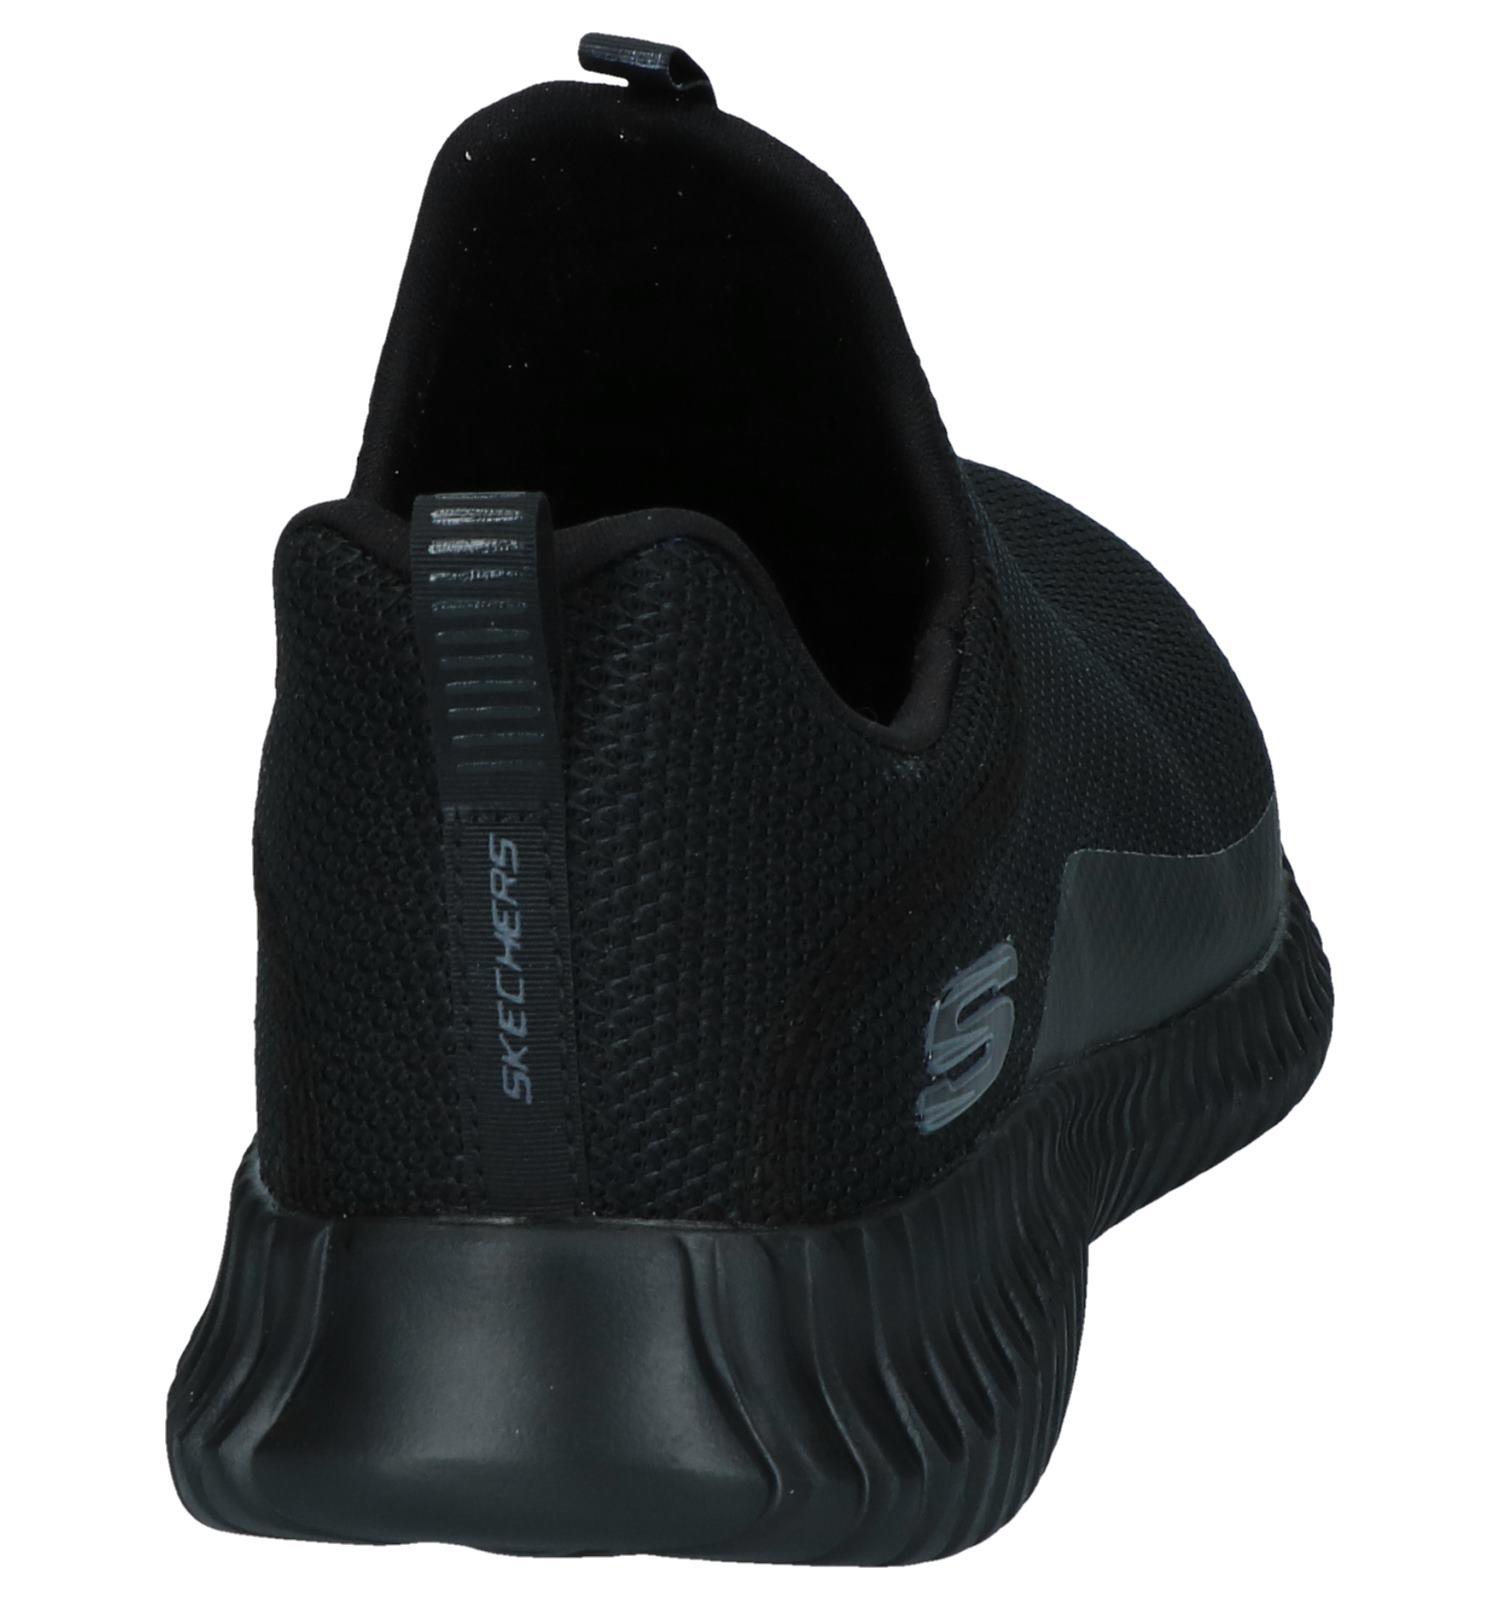 Slip Sneakers Memory on Foam Zwarte Skechers yPn8wvmN0O